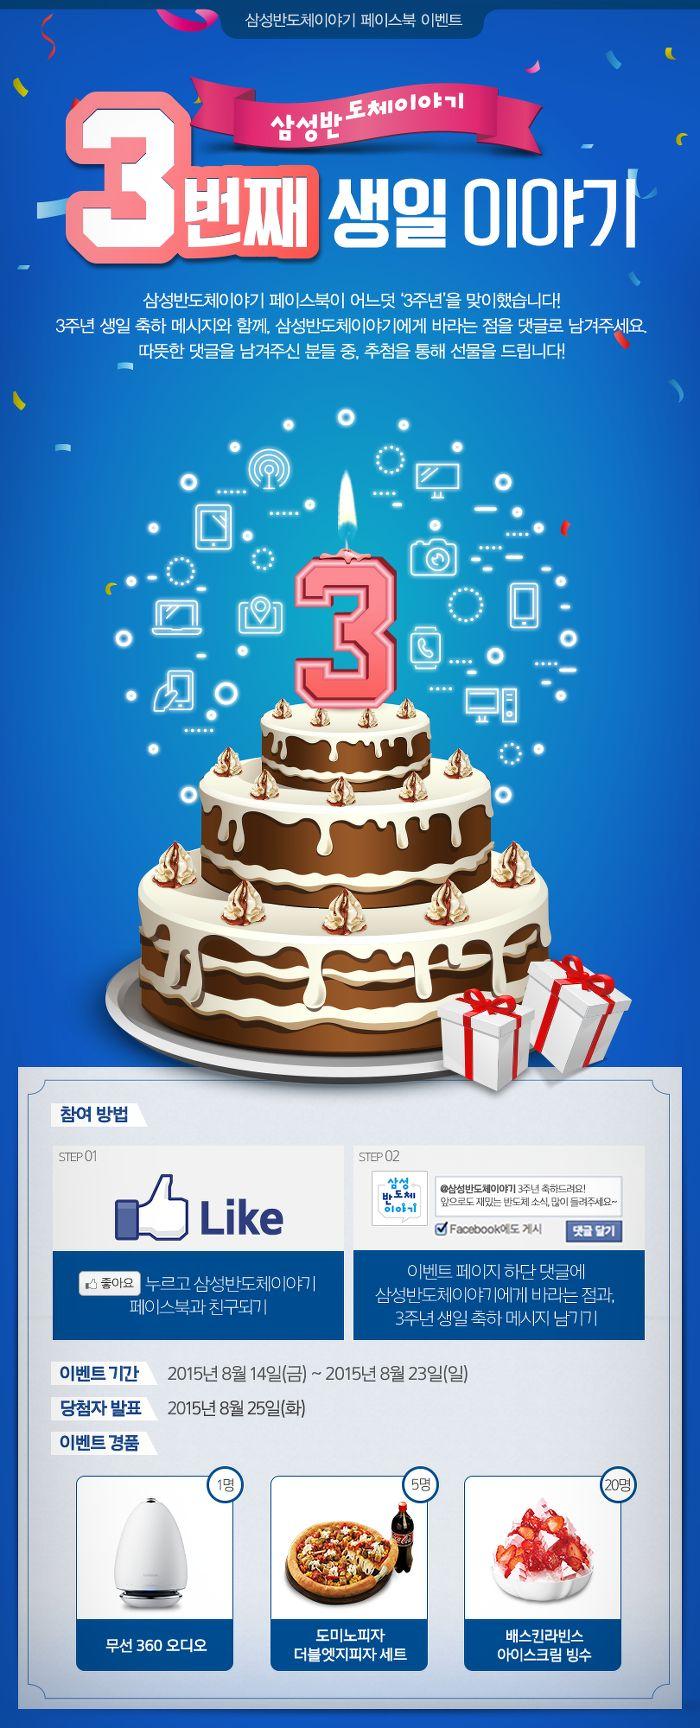 삼성반도체이야기 :: [페이스북 이벤트] 삼성반도체이야기 3번째 생일 이야기 이벤트